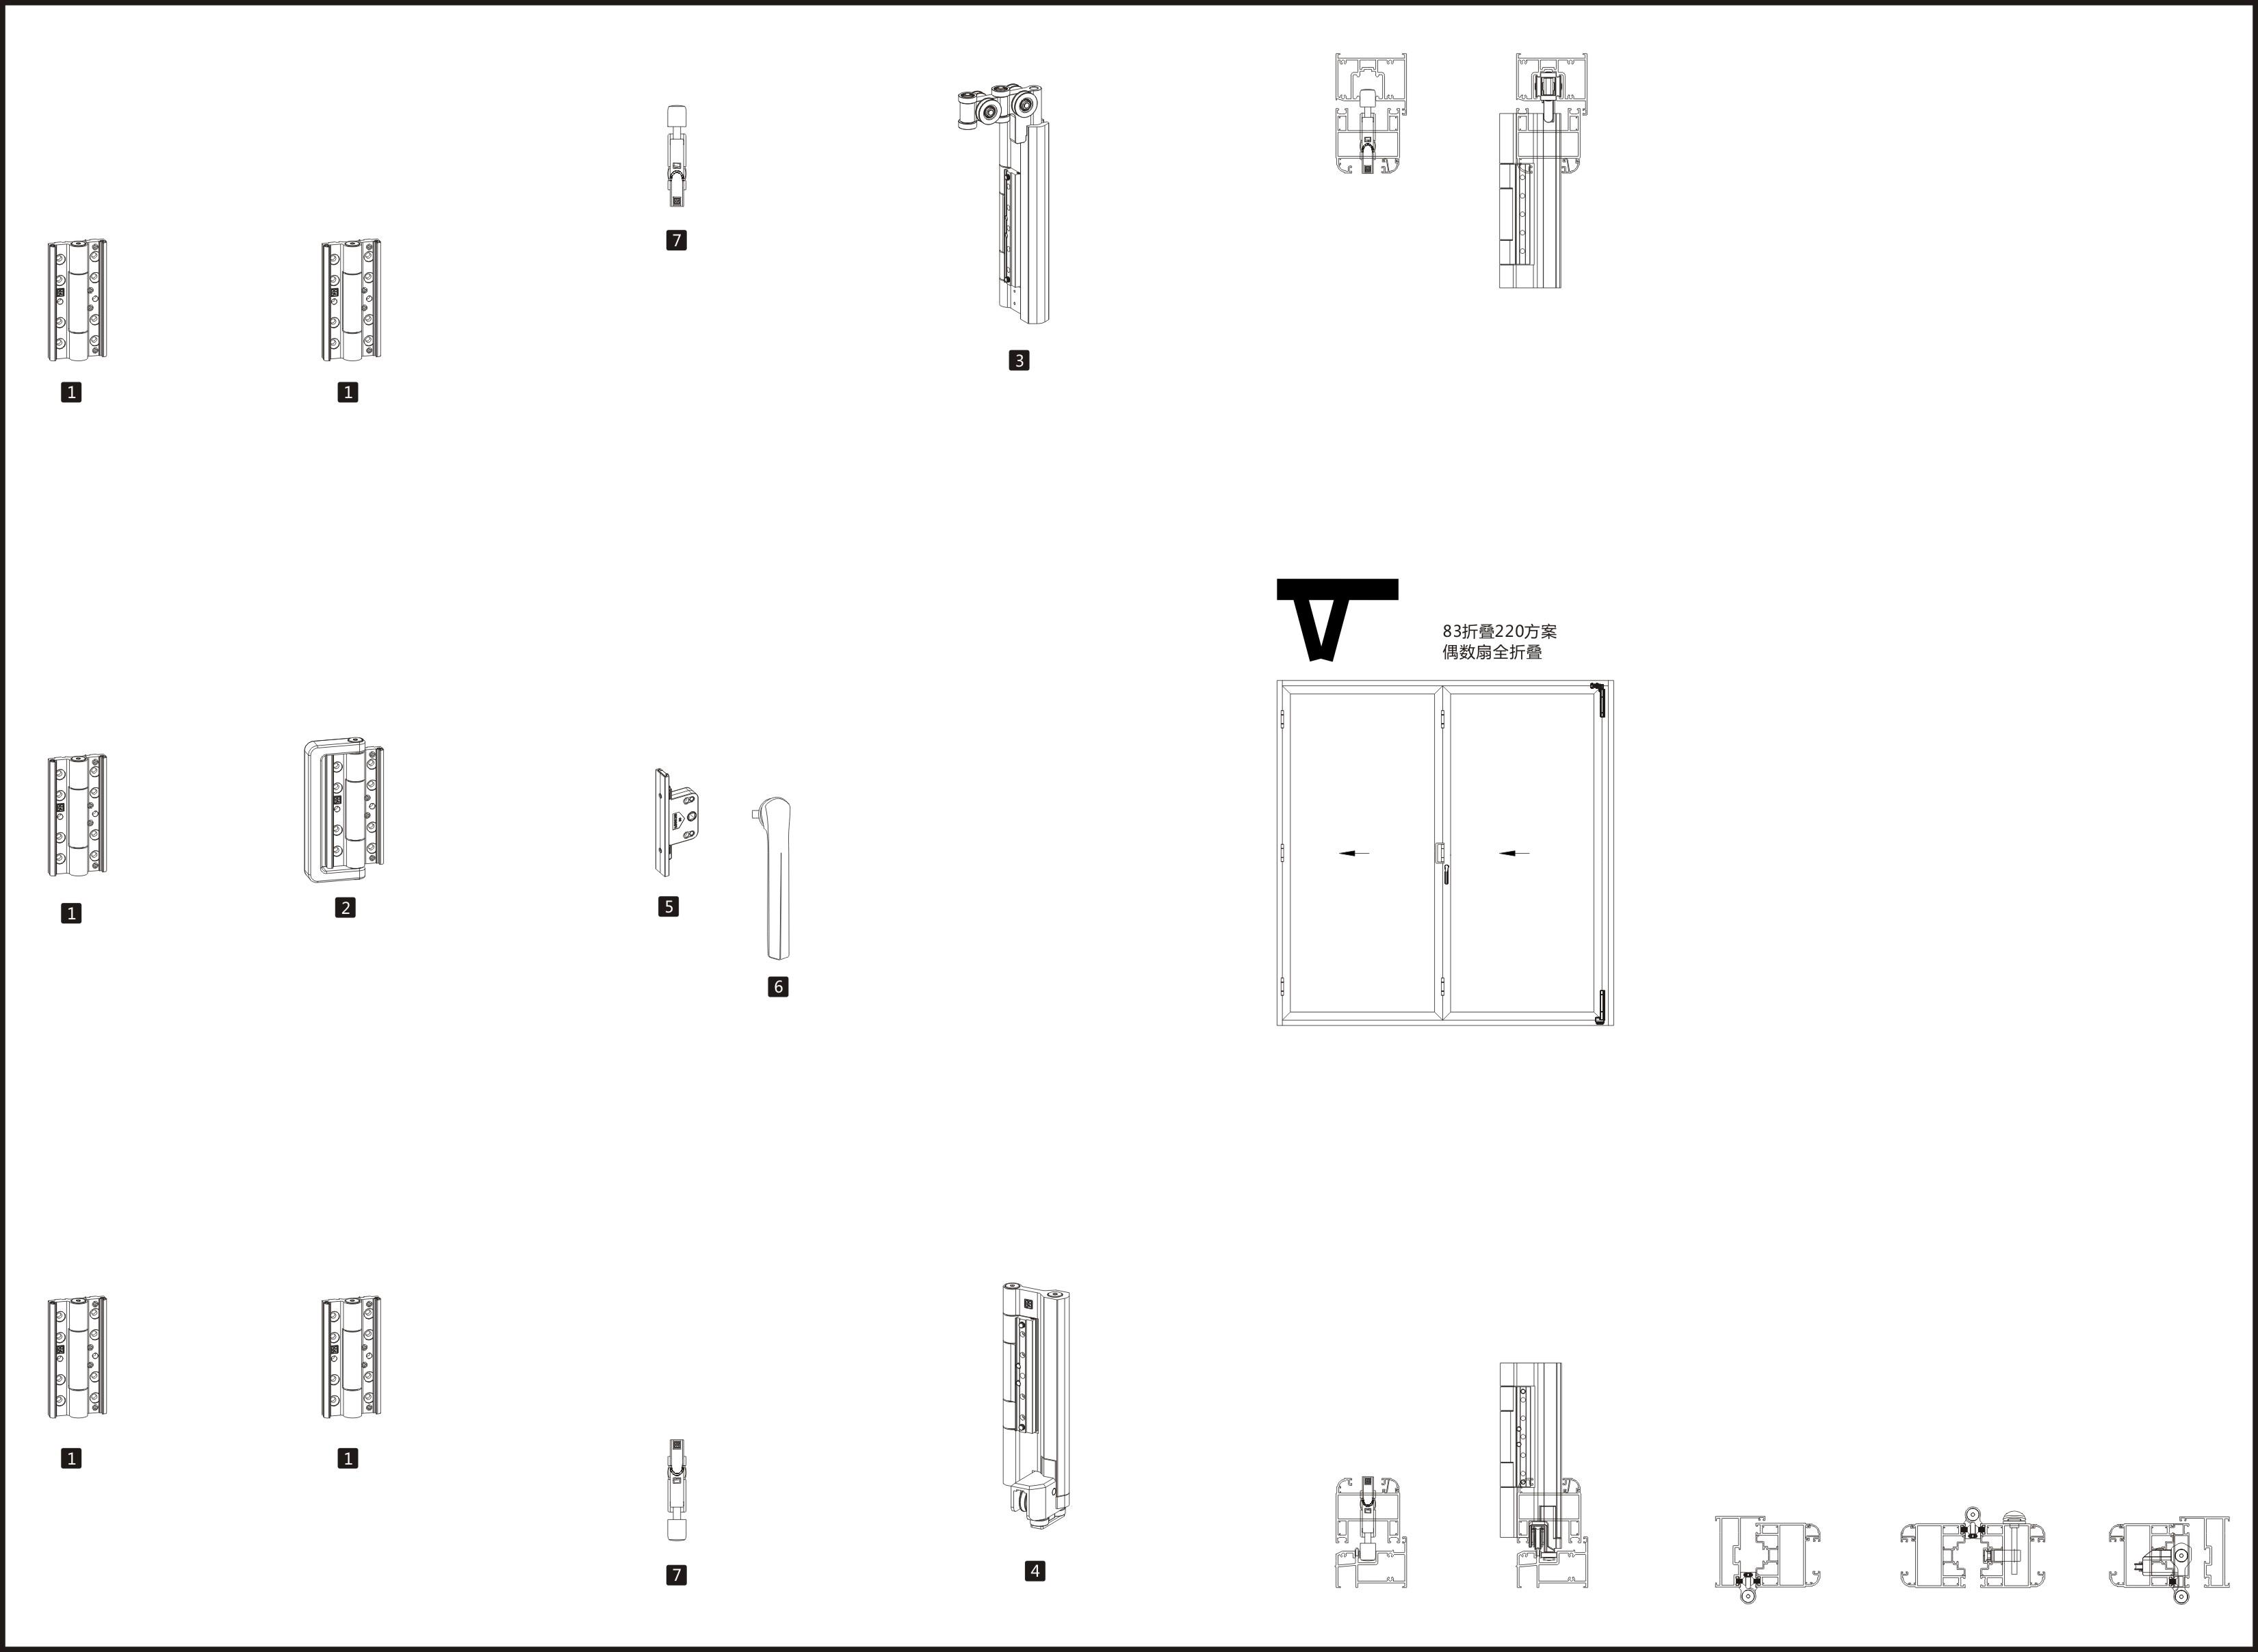 83折叠系统220配置清单